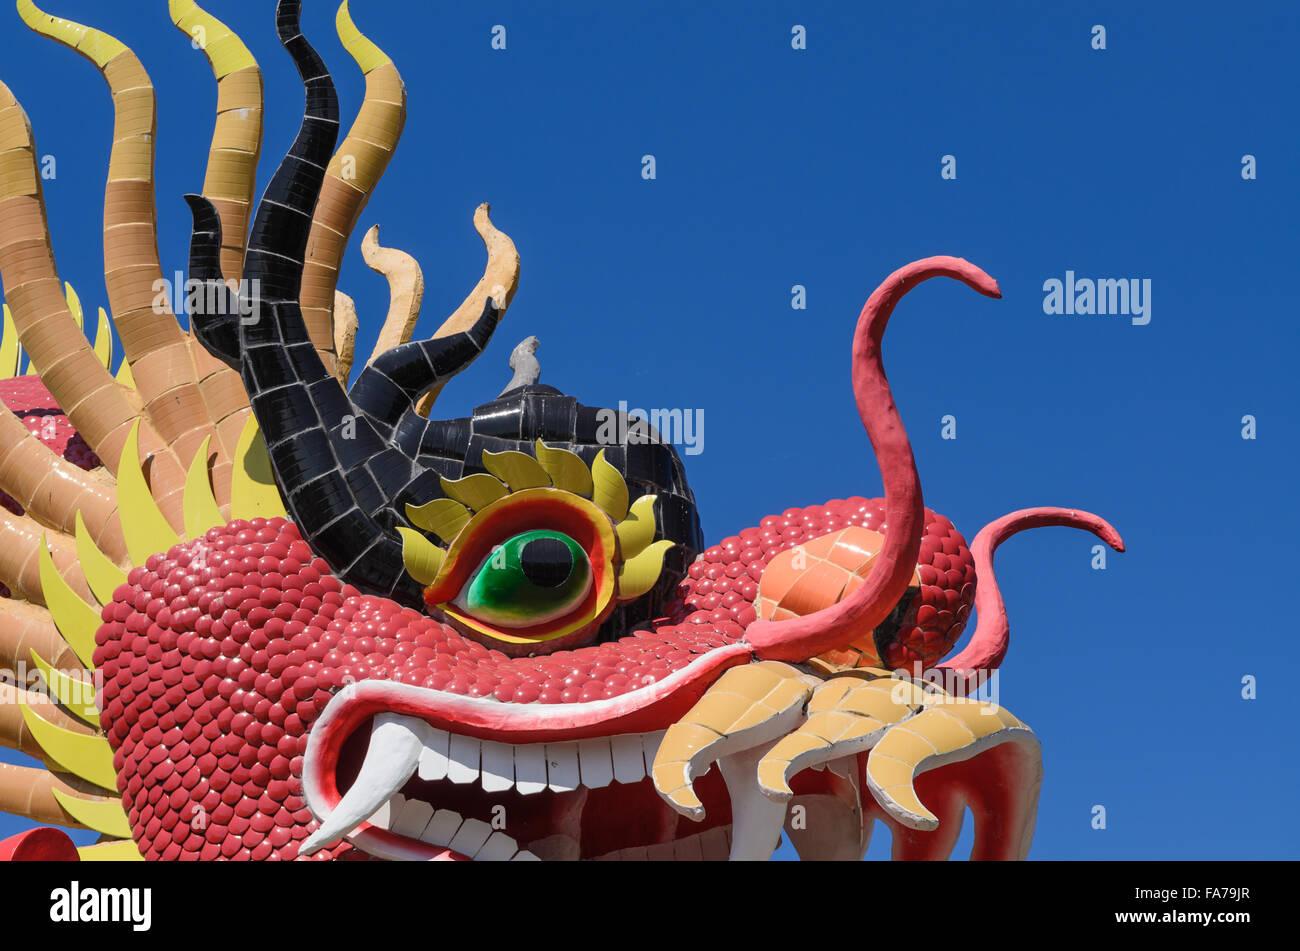 Drago Cinese In Un Parco Pubblico Immagine Su Sfondo Blu Foto